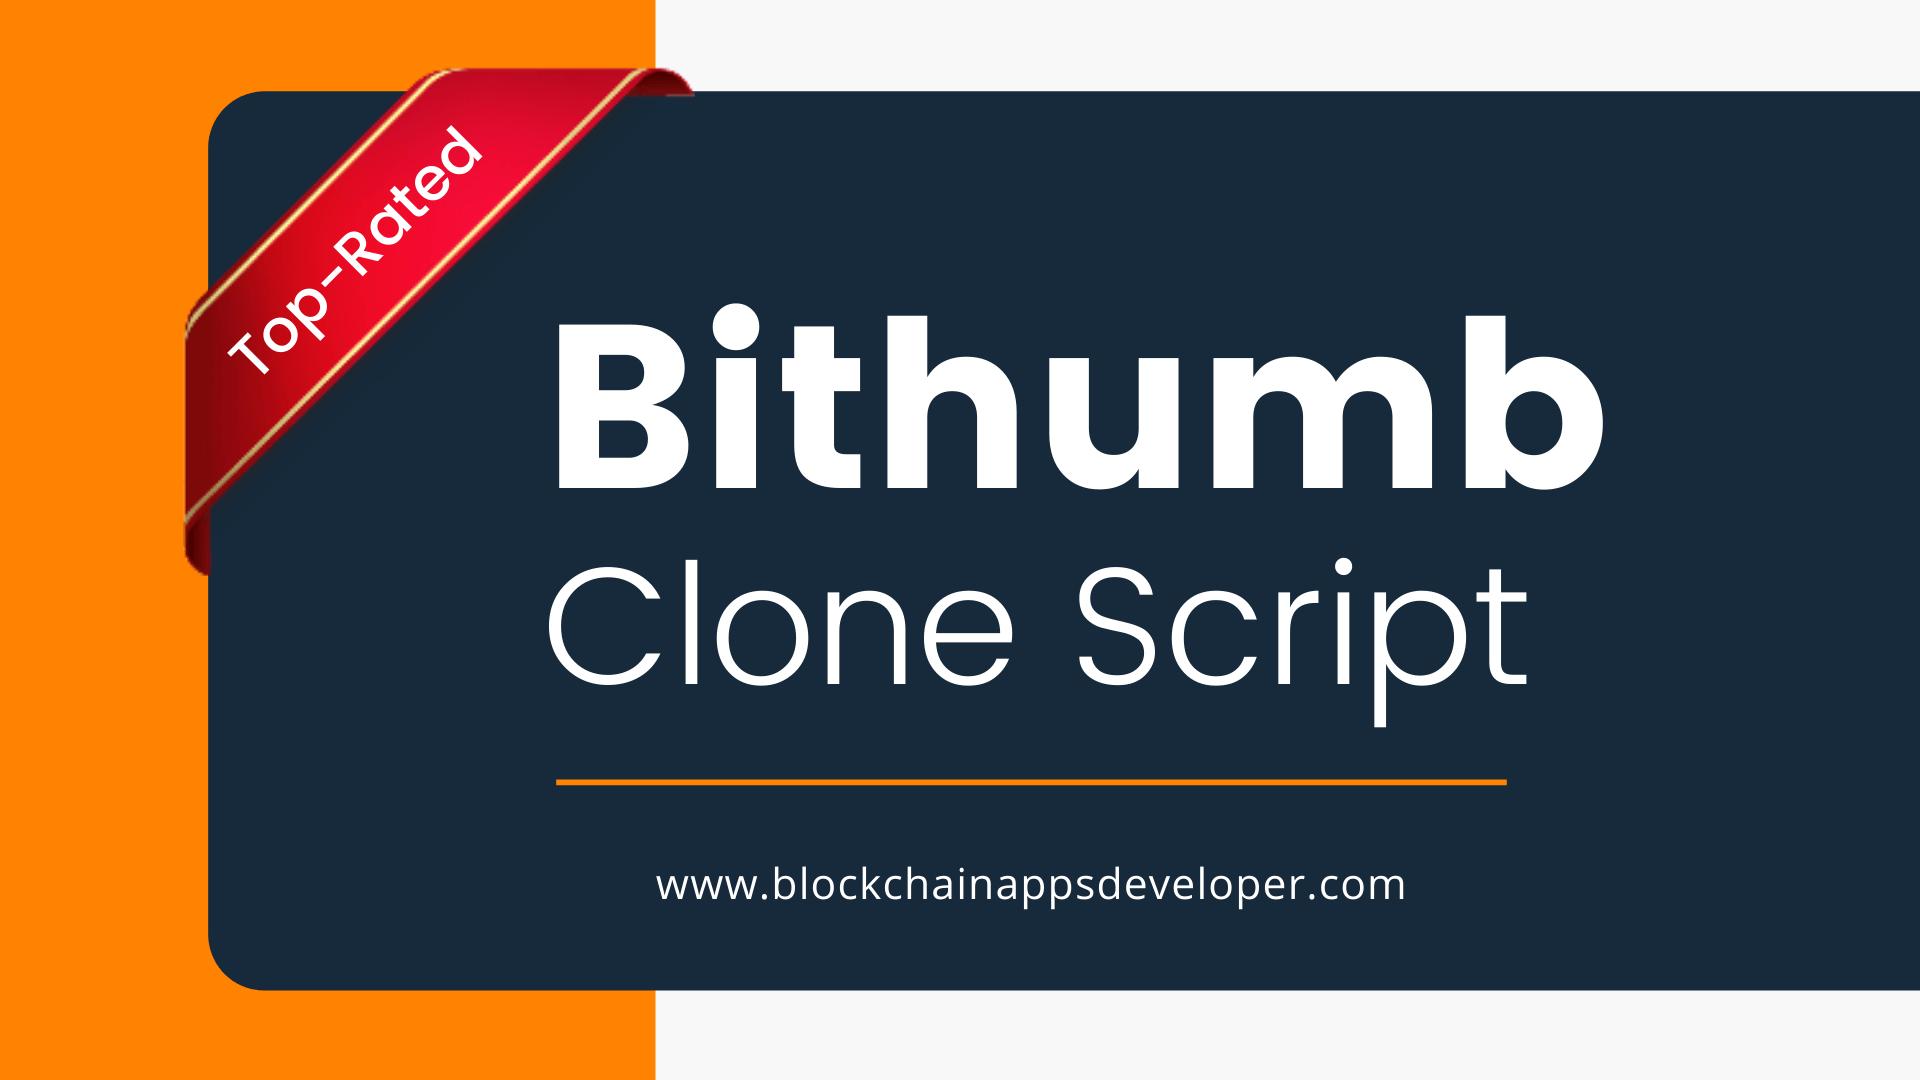 Bithumb Clone Script To Start Cryptocurrency Exchange Like Bithumb